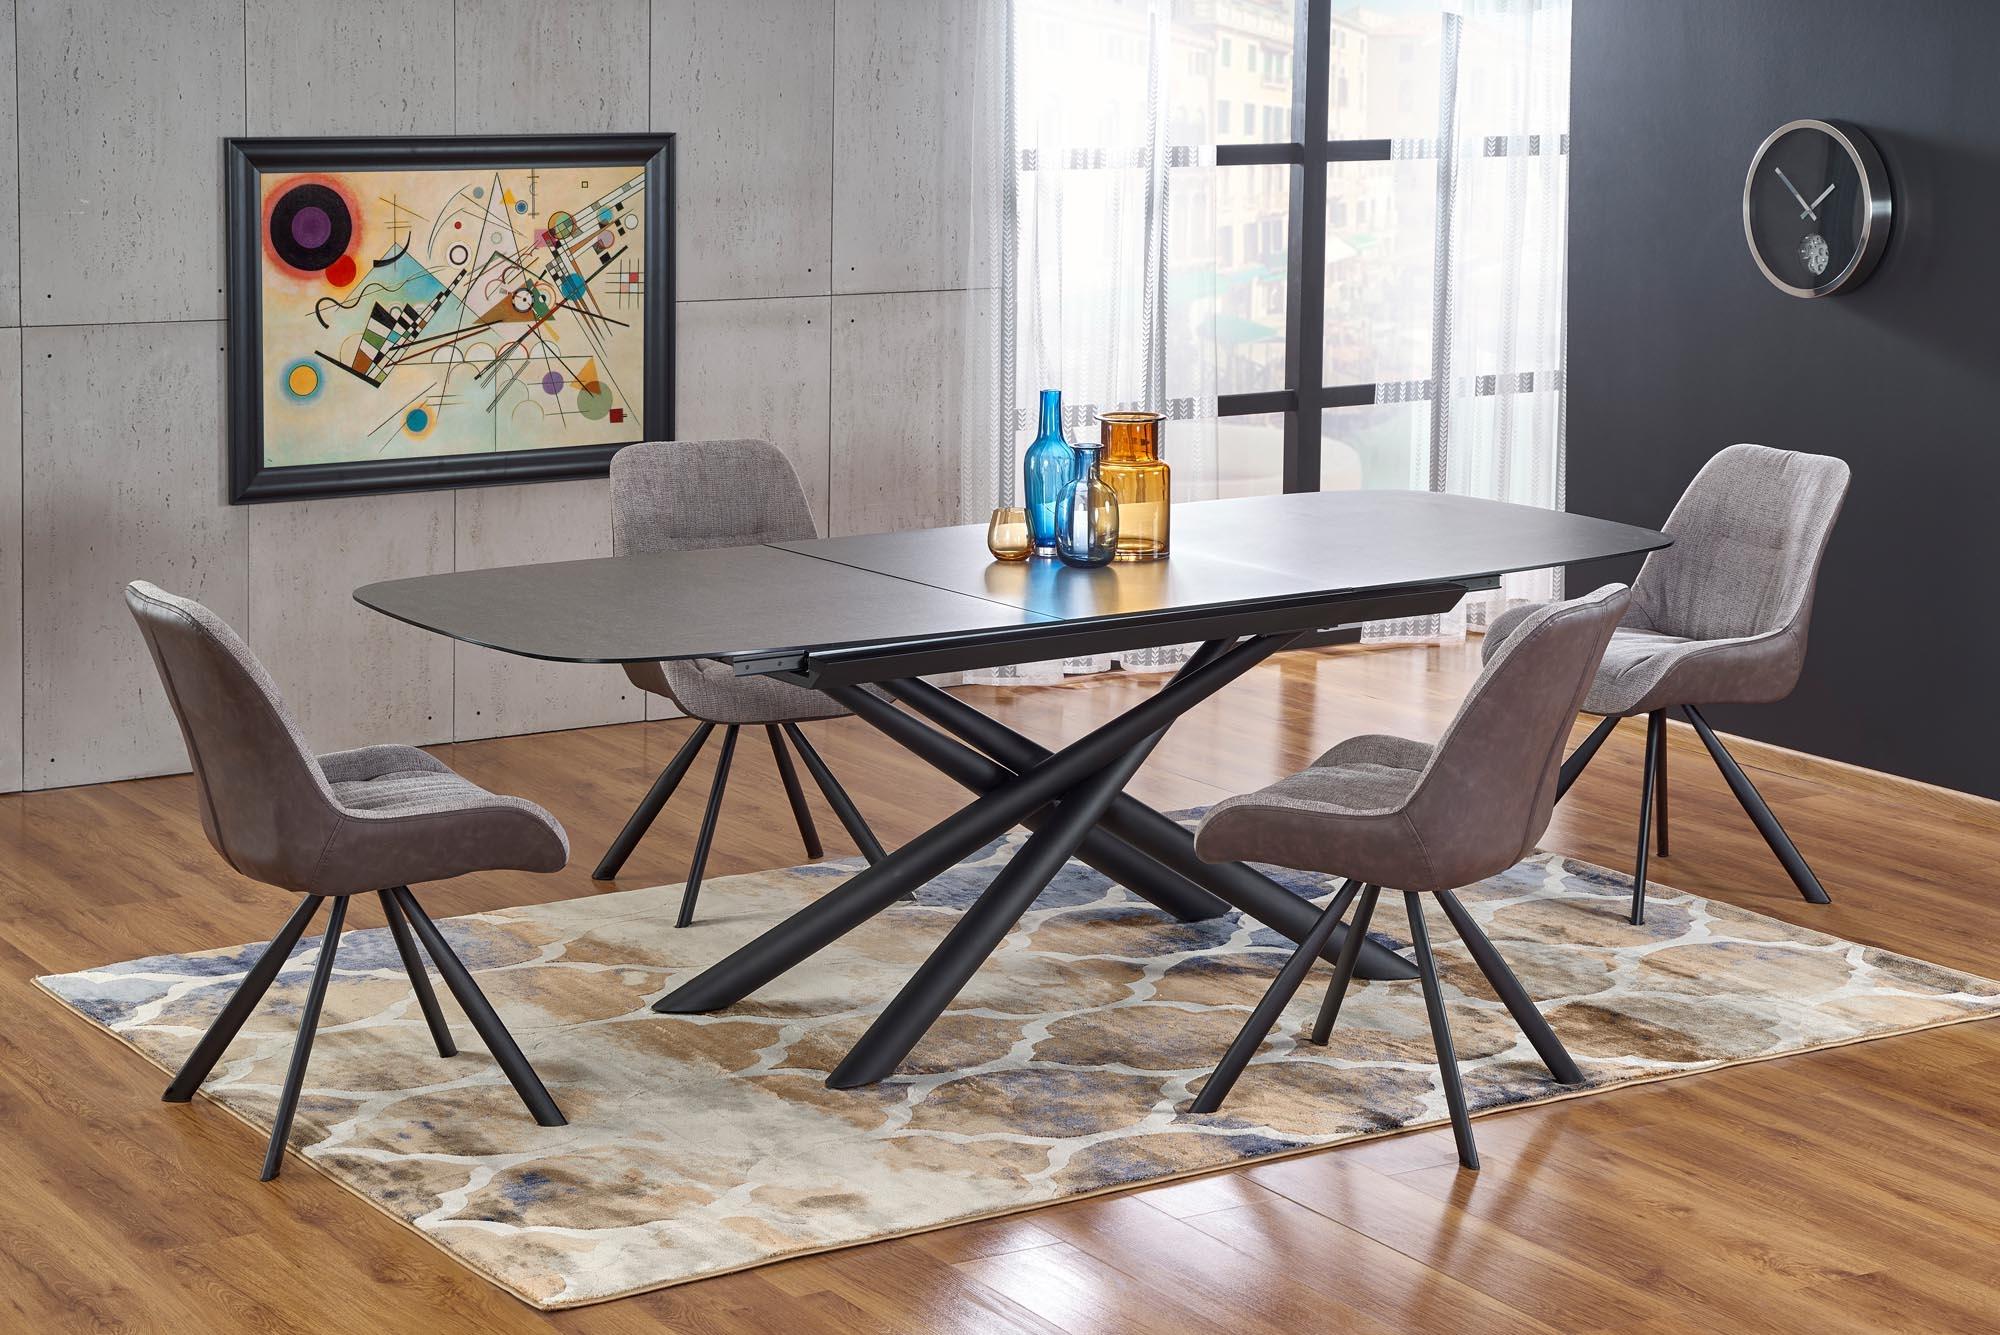 Set masa extensibila din sticla si metal Capello Gri inchis / Negru + 4 scaune tapitate cu stofa si piele ecologica K393 Gri deschis / Maro L180-240xl95xH77 cm imagine